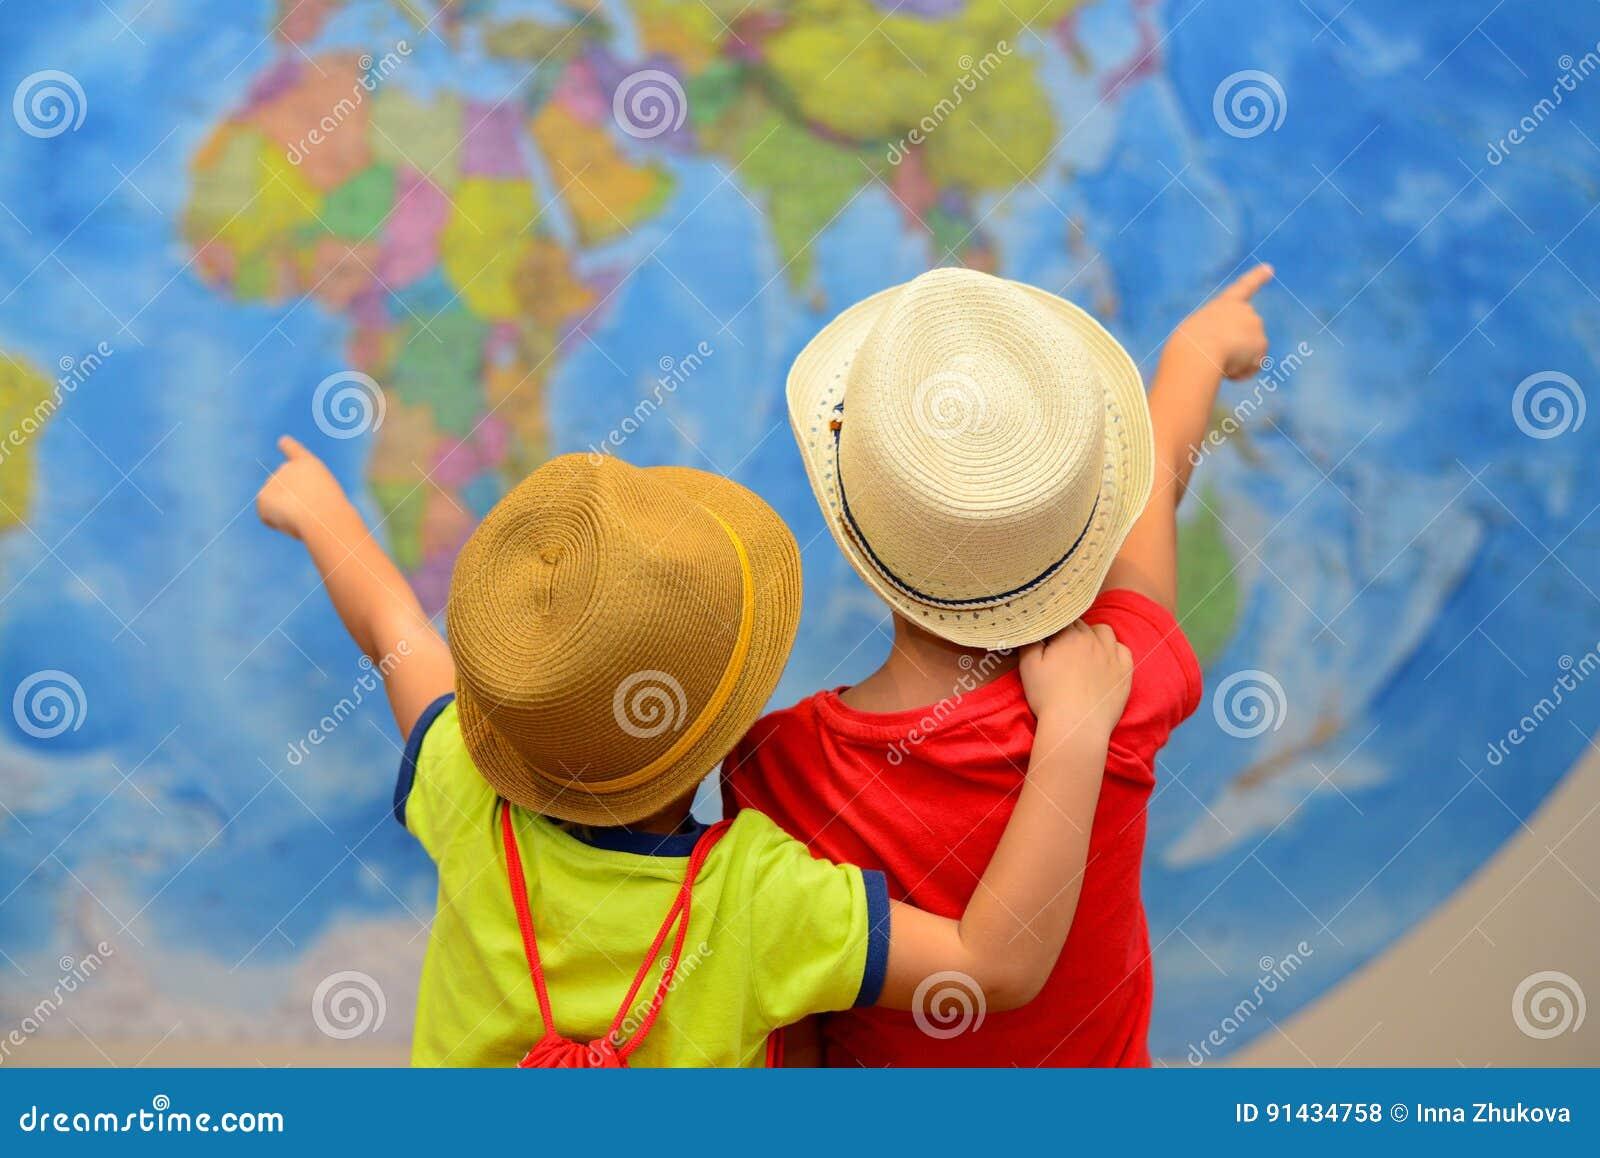 Concetto di viaggio e di avventura I bambini felici stanno sognando del viaggio, vacanza